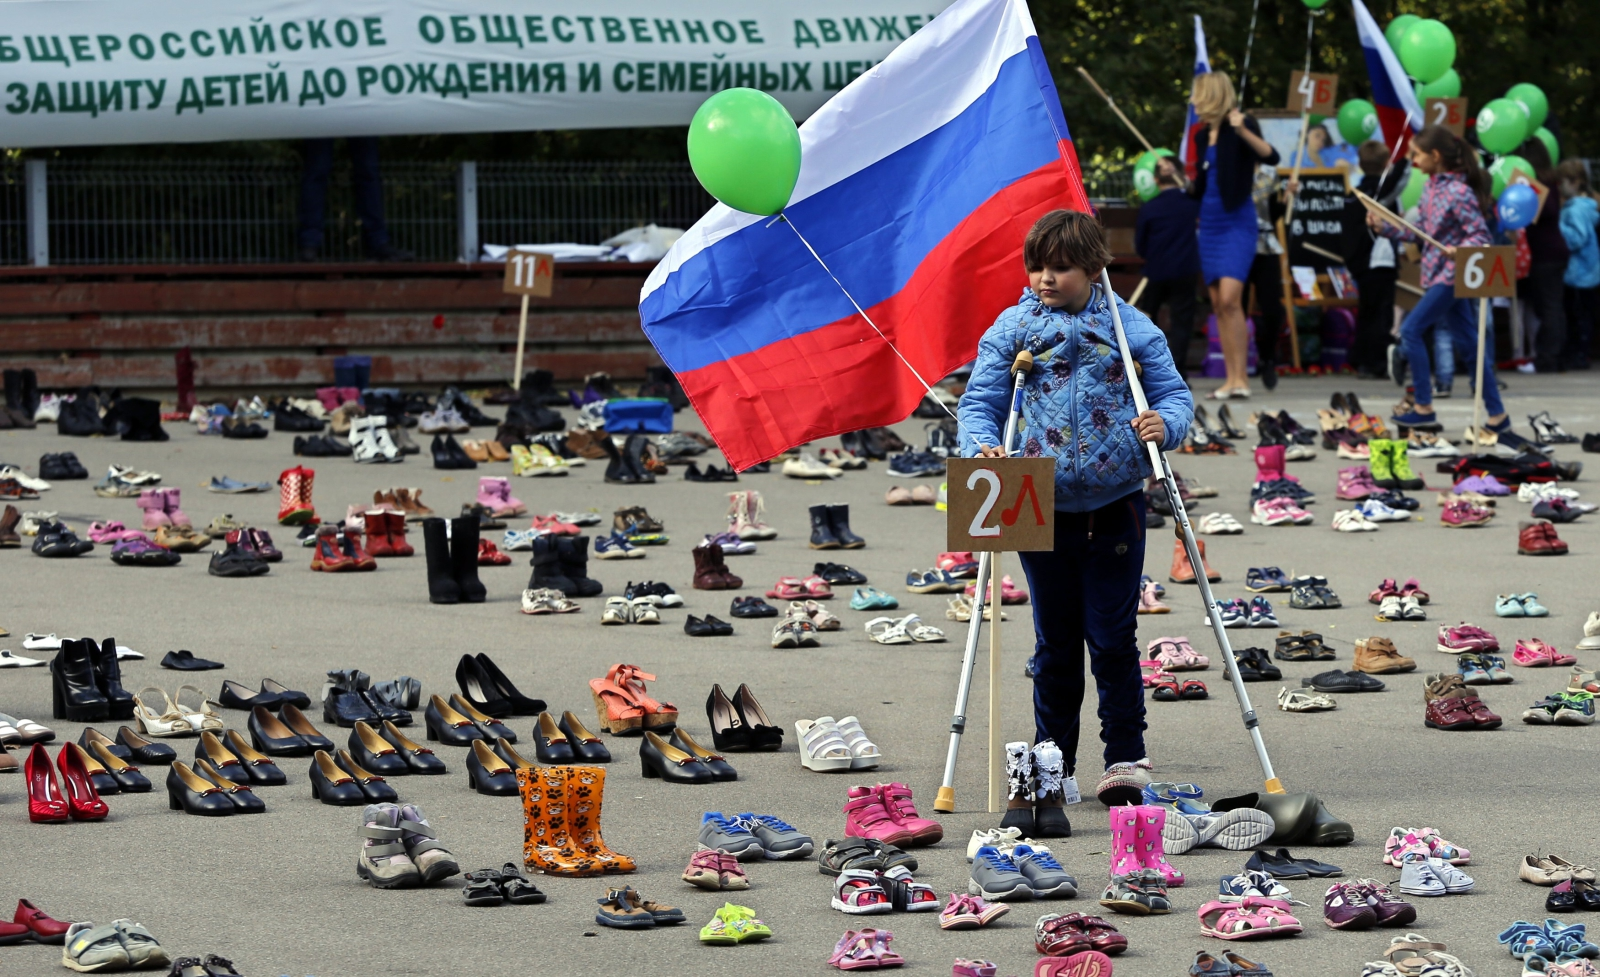 Akcja antyaborcyjna w Rosji  EPA/YURI KOCHETKOV